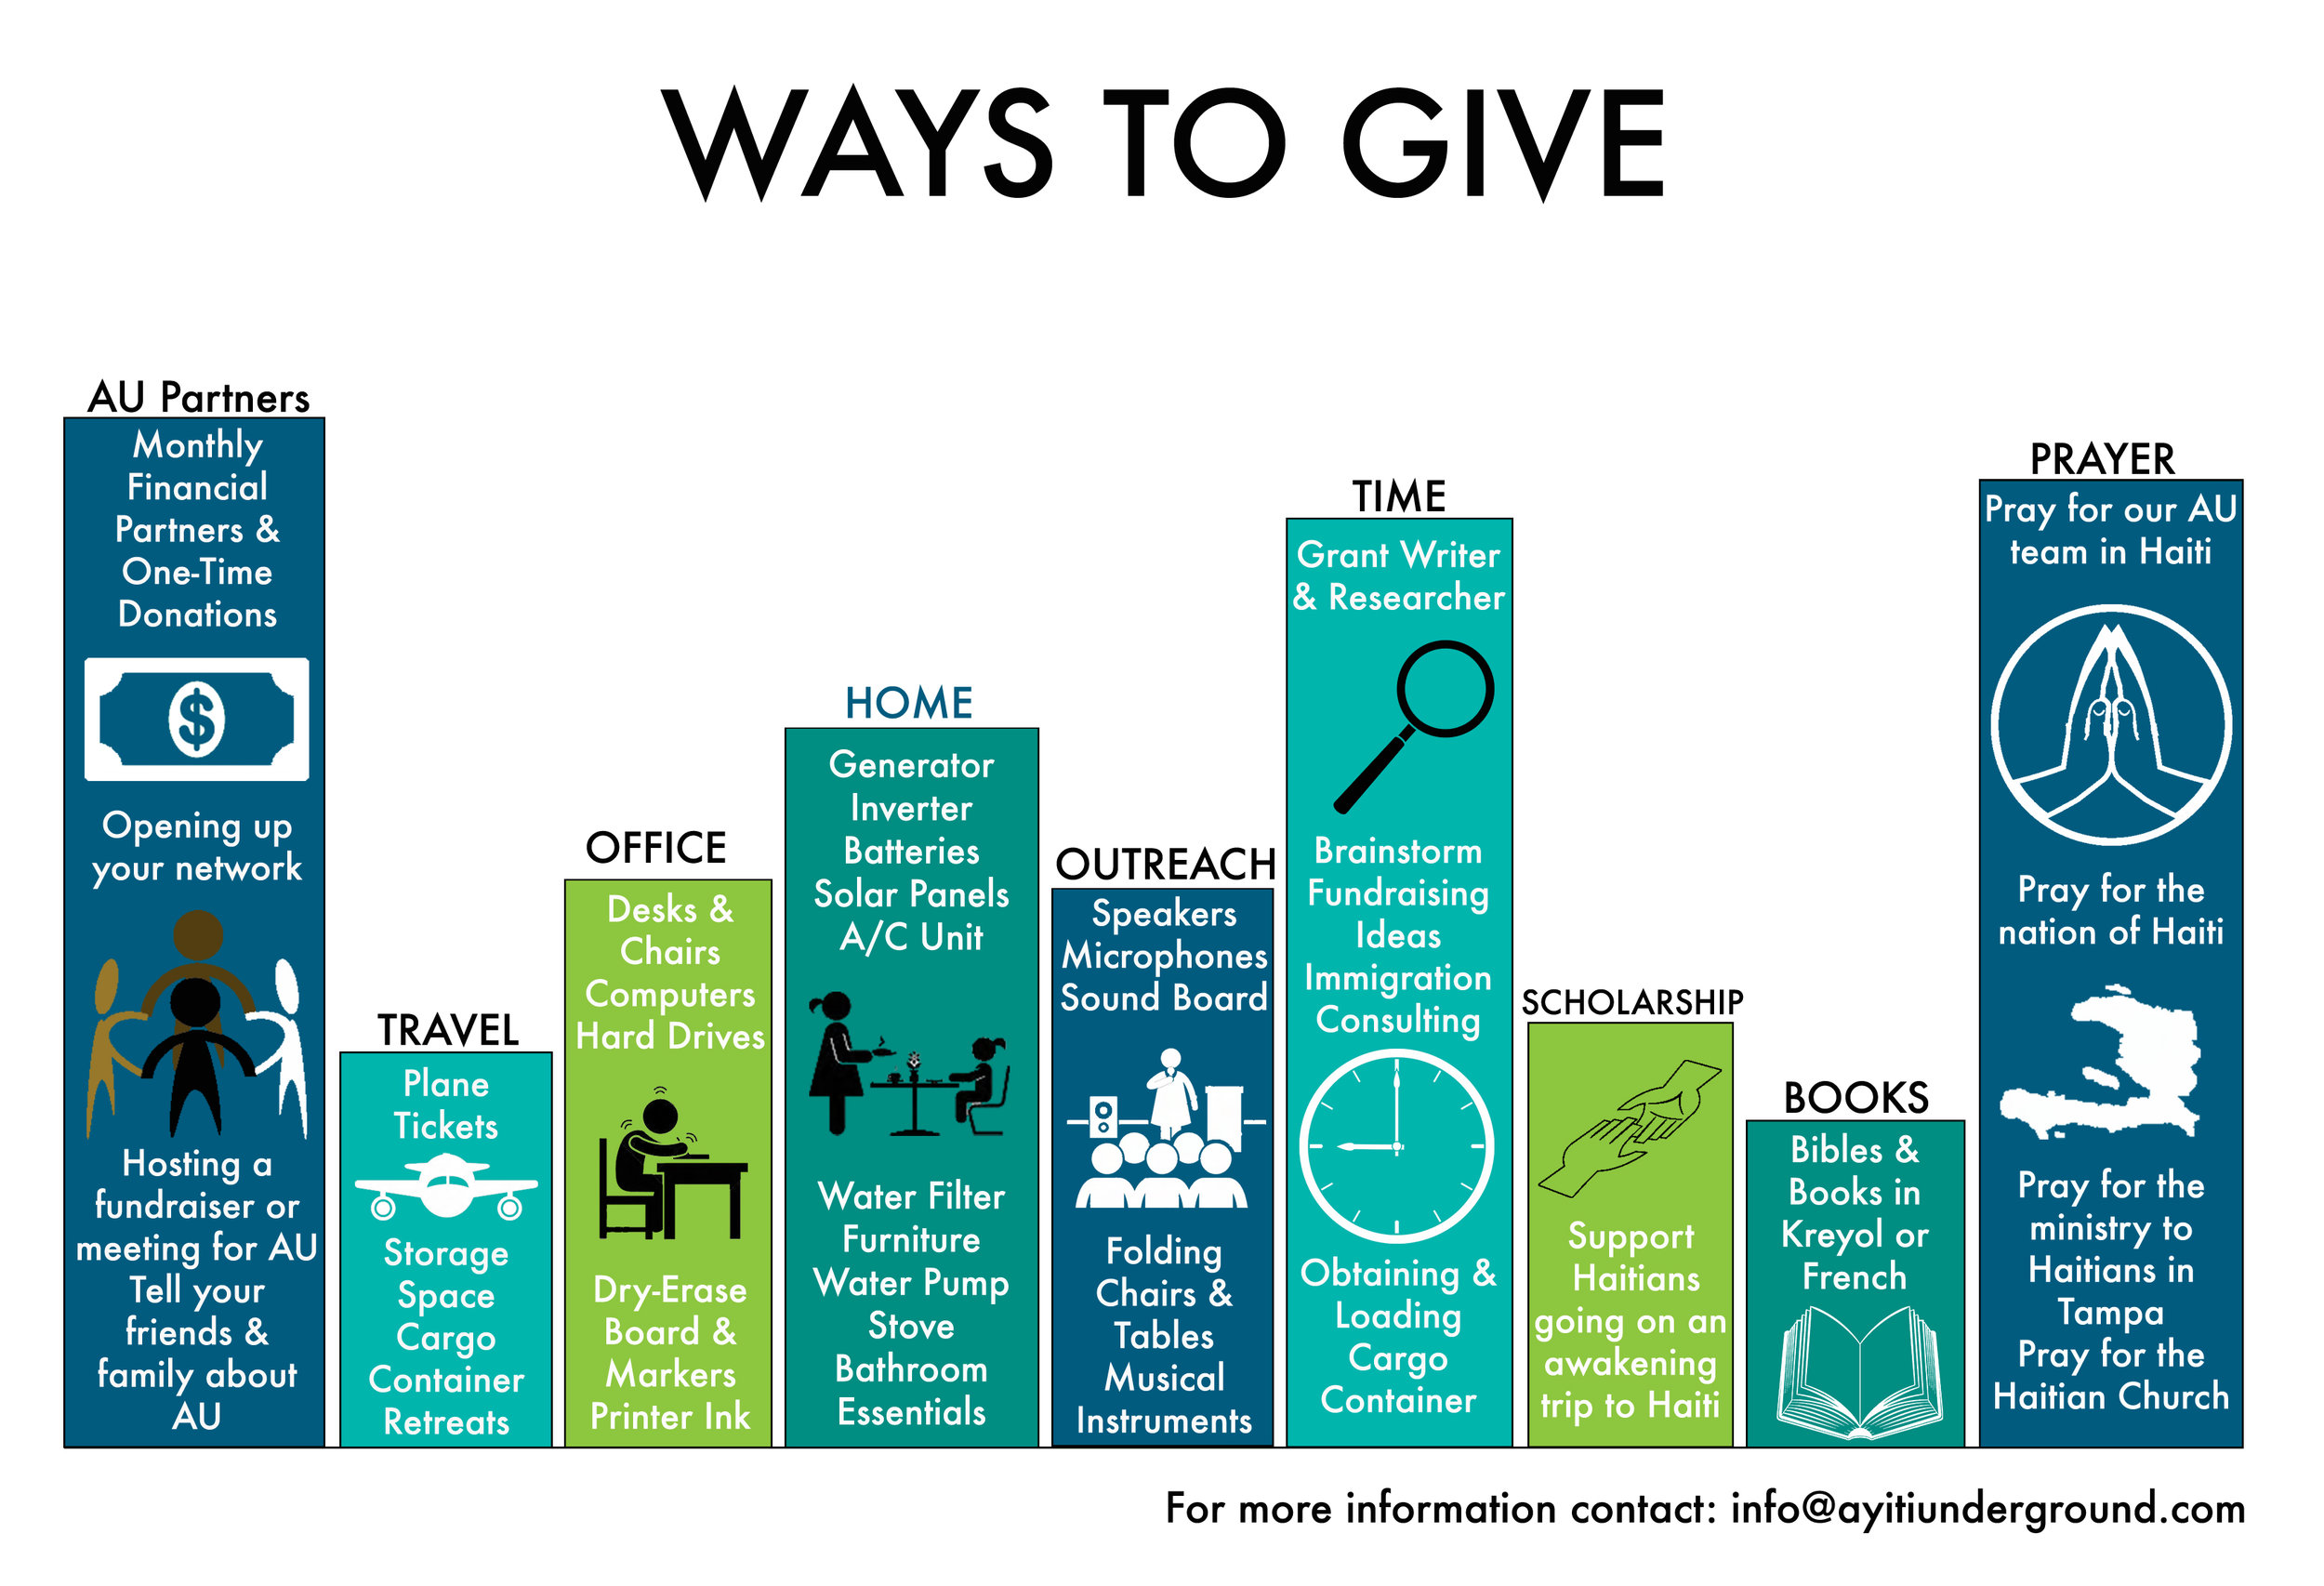 ways to give2 AU.jpg